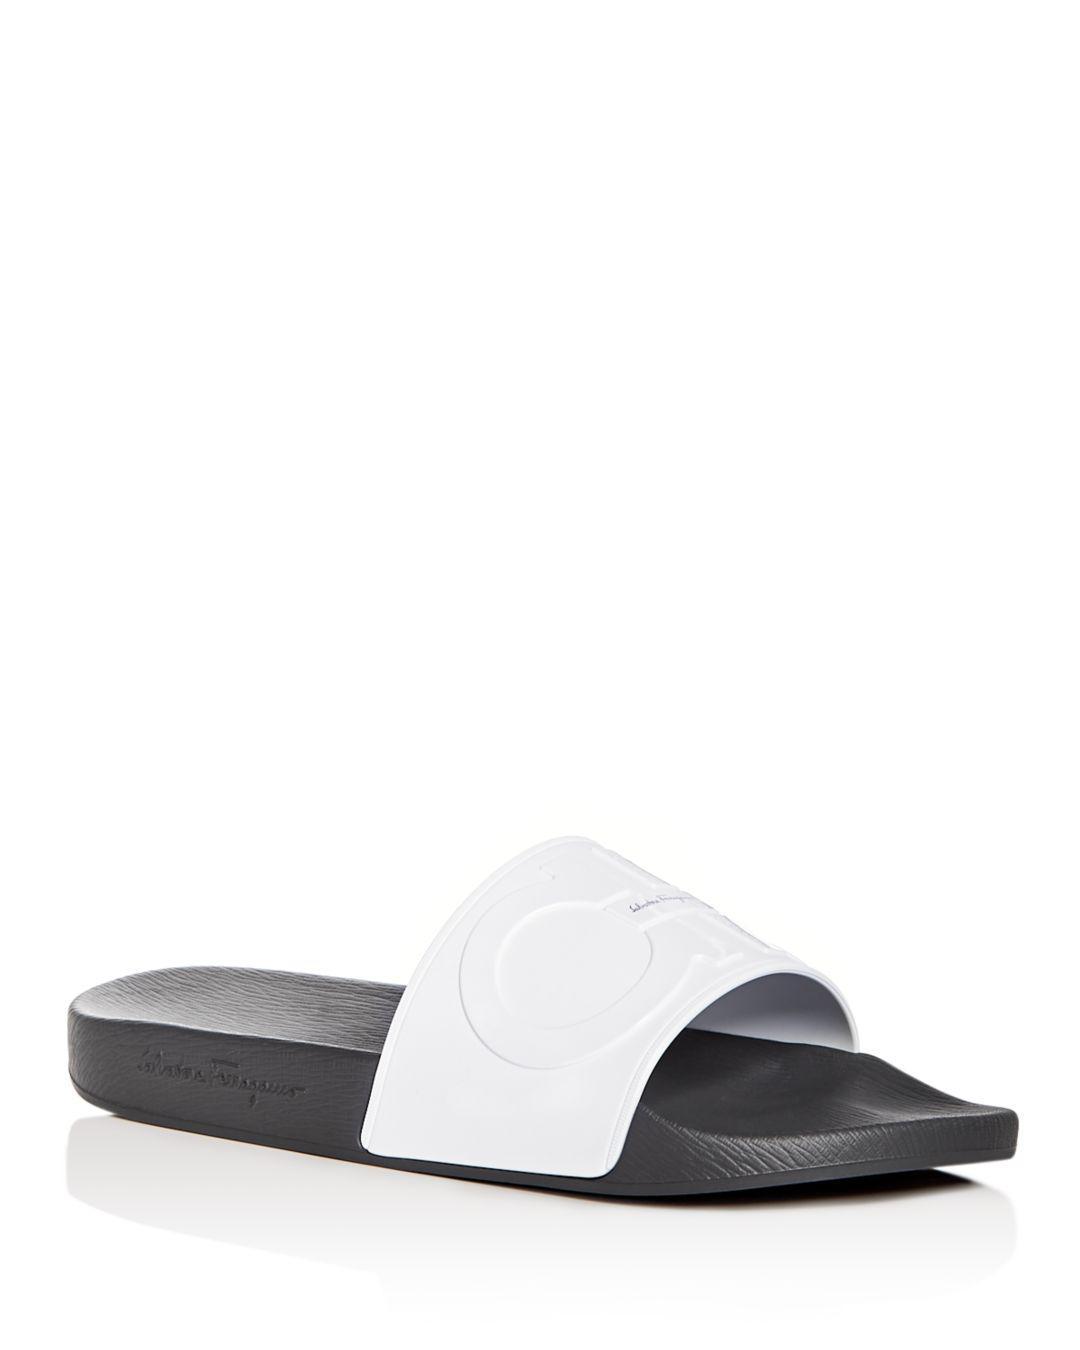 7fe38d8142ee Ferragamo Men s Groove 2 Original Double Gancini Slide Sandals in ...